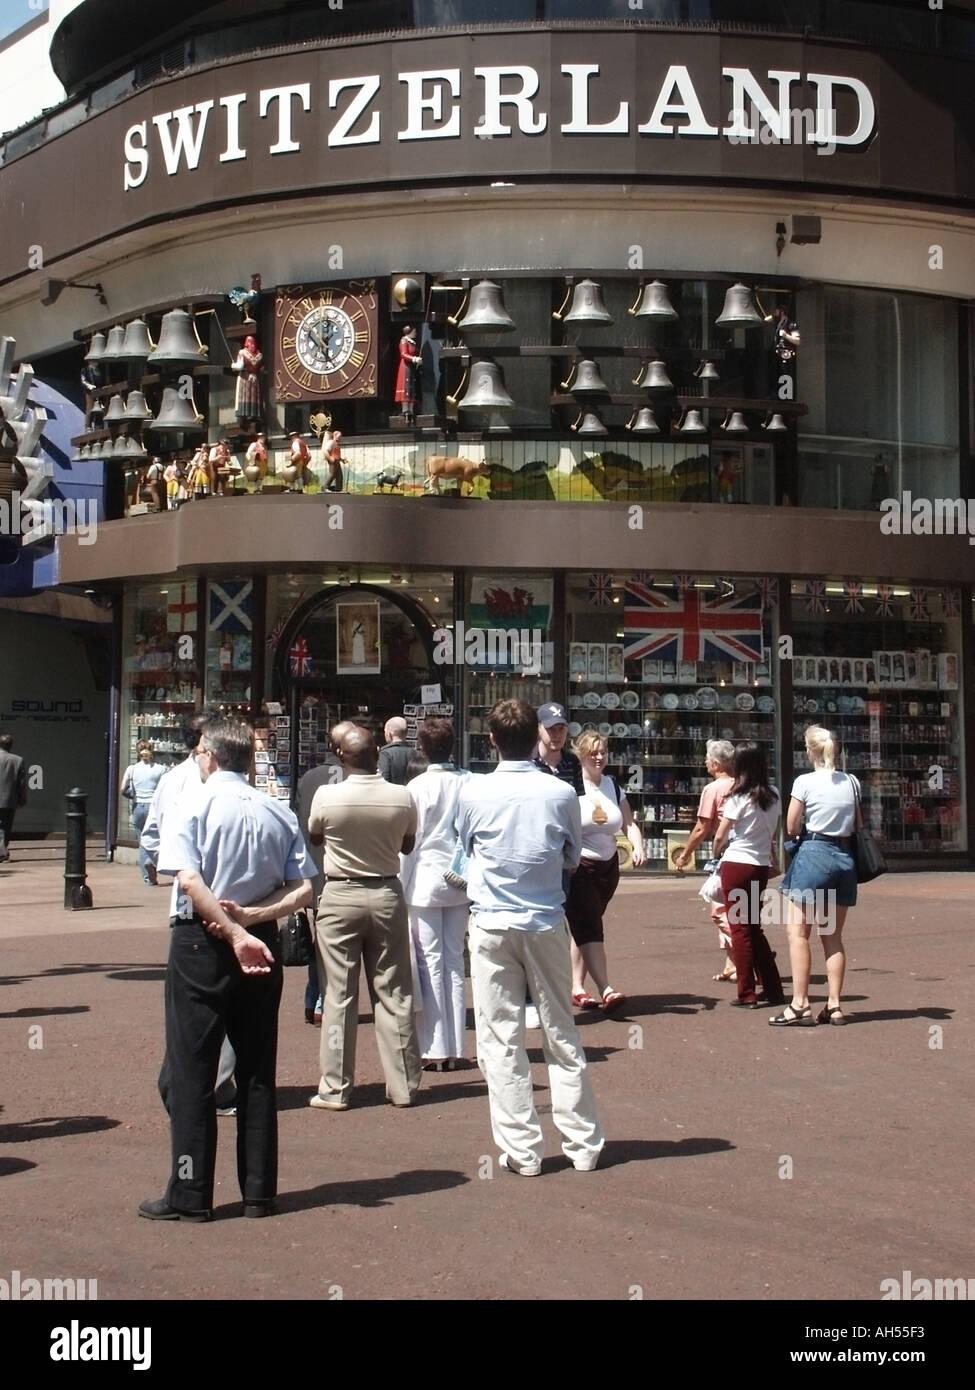 Street Scene Schweizer Tourist Information Office Shop & Leute beobachten, die mitlaufende Uhr Anzeige der Kühe Milchfrauen & läuten Glocken Leicester Square London, Großbritannien Stockfoto